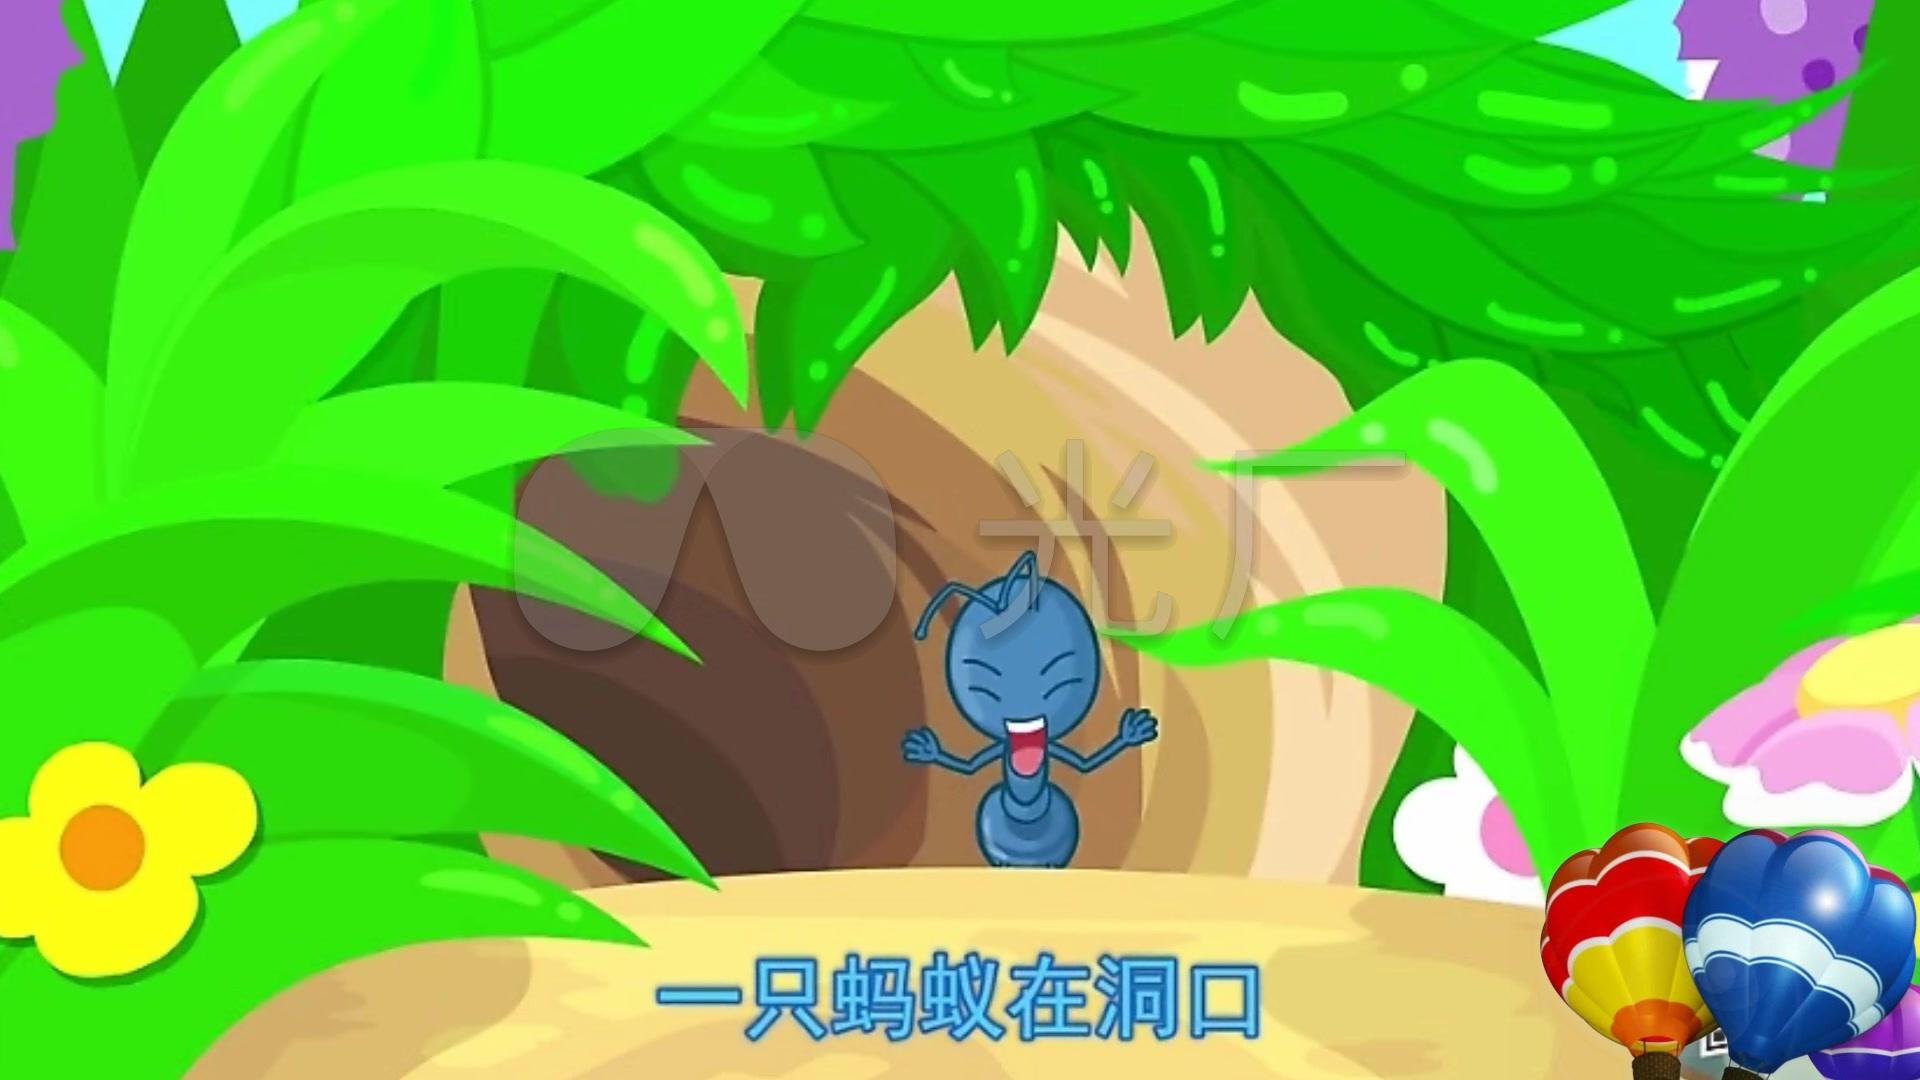 卡通动画儿歌《海蜇搬豆》_1920X1080_大全凉拌蚂蚁鲜高清的做法白菜图片